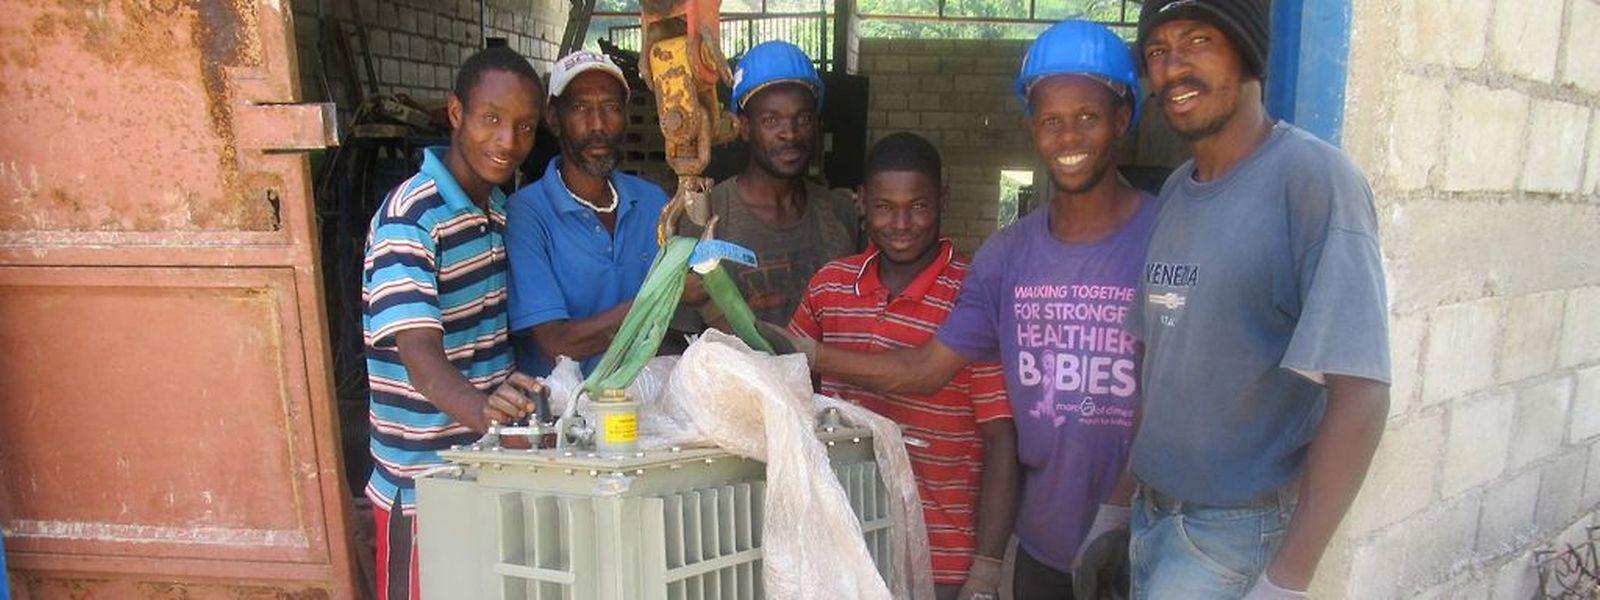 Die Haitianer helfen bei den Arbeiten tatkräftig mit und erhalten dafür ein kleines Entgelt.